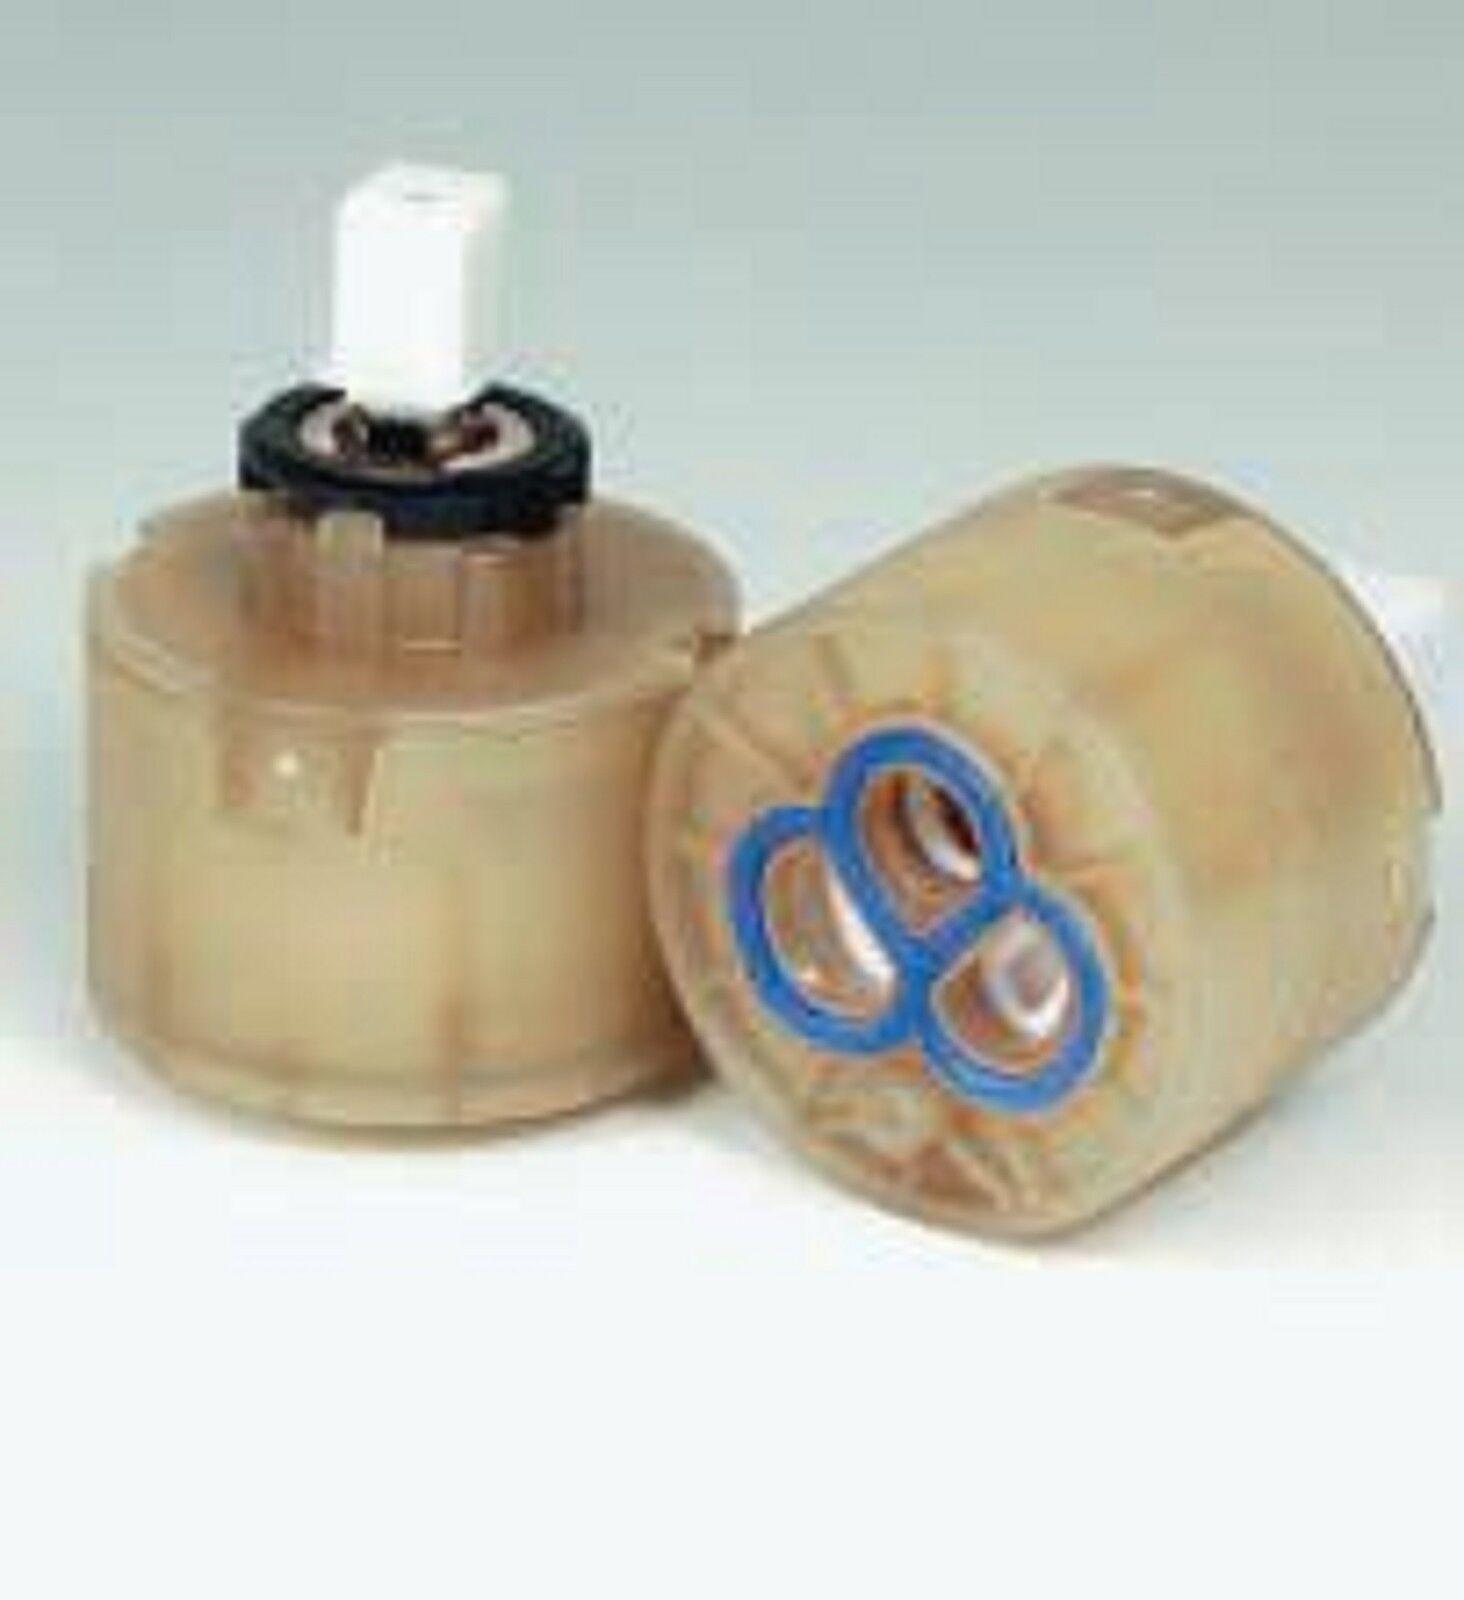 CARTUCCIA CERAMICA RUB. PER RUBINETTO MISCELATORE GTL RUB. CERAMICA CRISTINA C45 mm. 45 x 63 1bcb2e